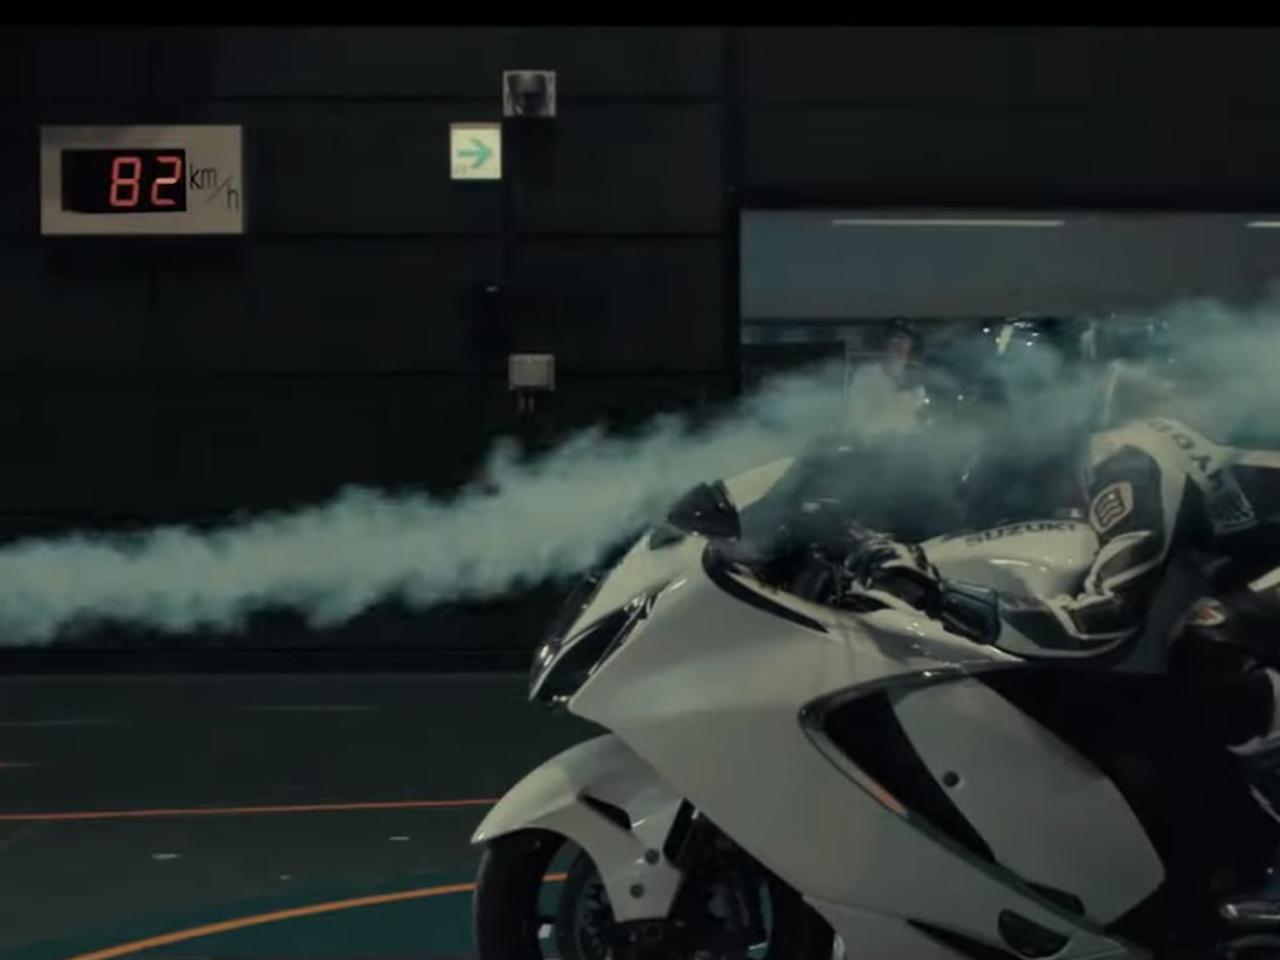 画像: ターボも、6気筒も、大排気量も全部やった。そのうえで新型ハヤブサは1340cc/190馬力を選んだ! - スズキのバイク!